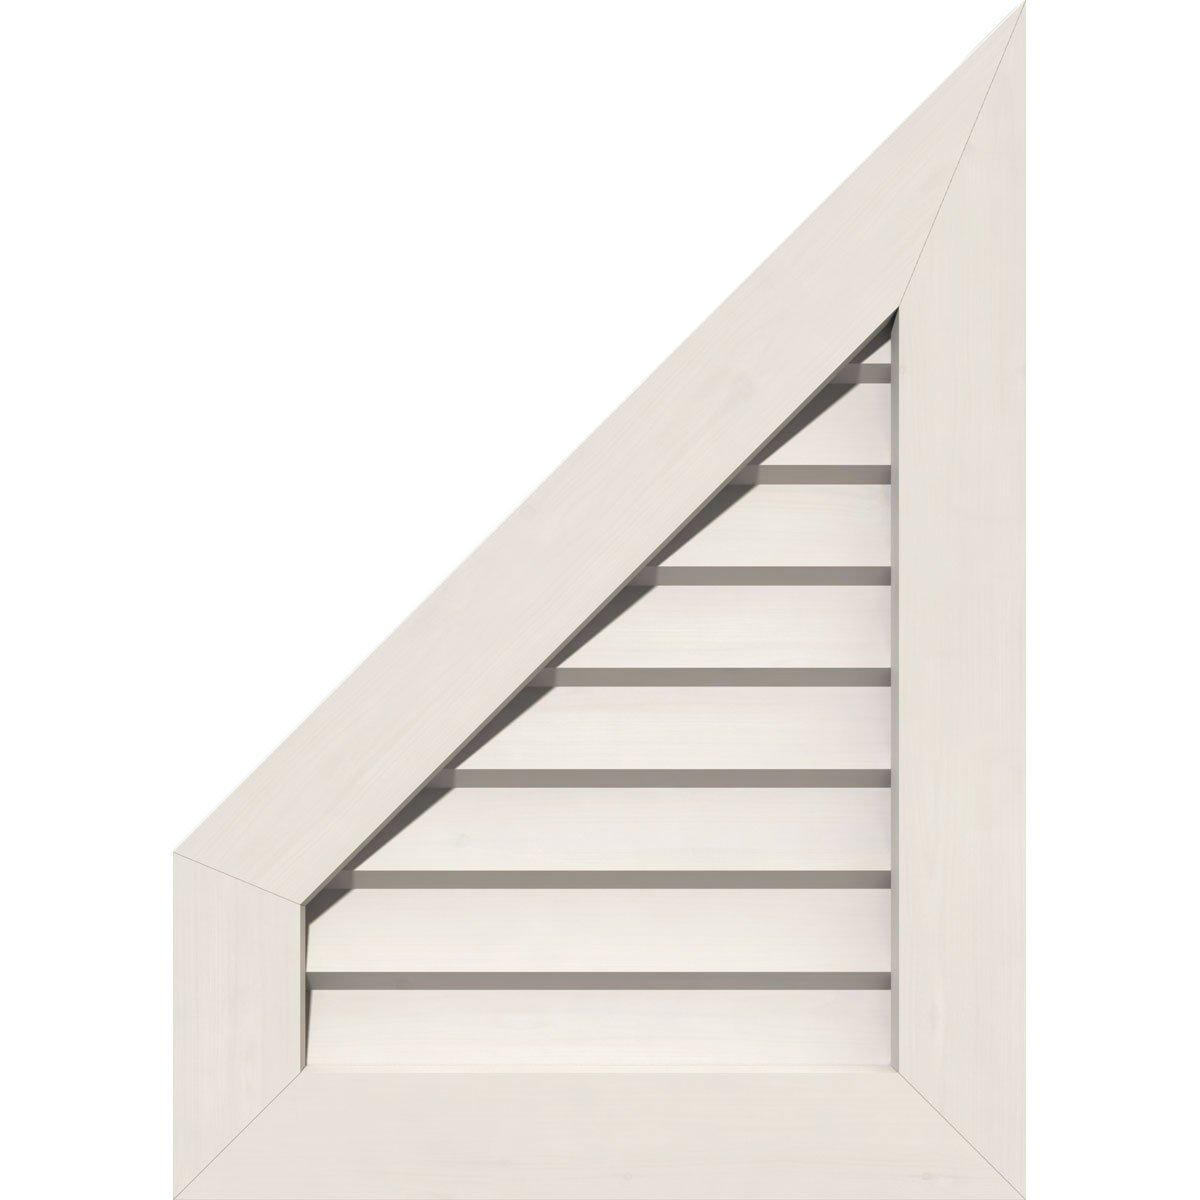 Ekena Millwork GVPPL12X1401DUN-12 Pac Gable Vent, 12'' W X 14'' H (17'' W X 19'' H Frame Size) 12/12 Pitch, White